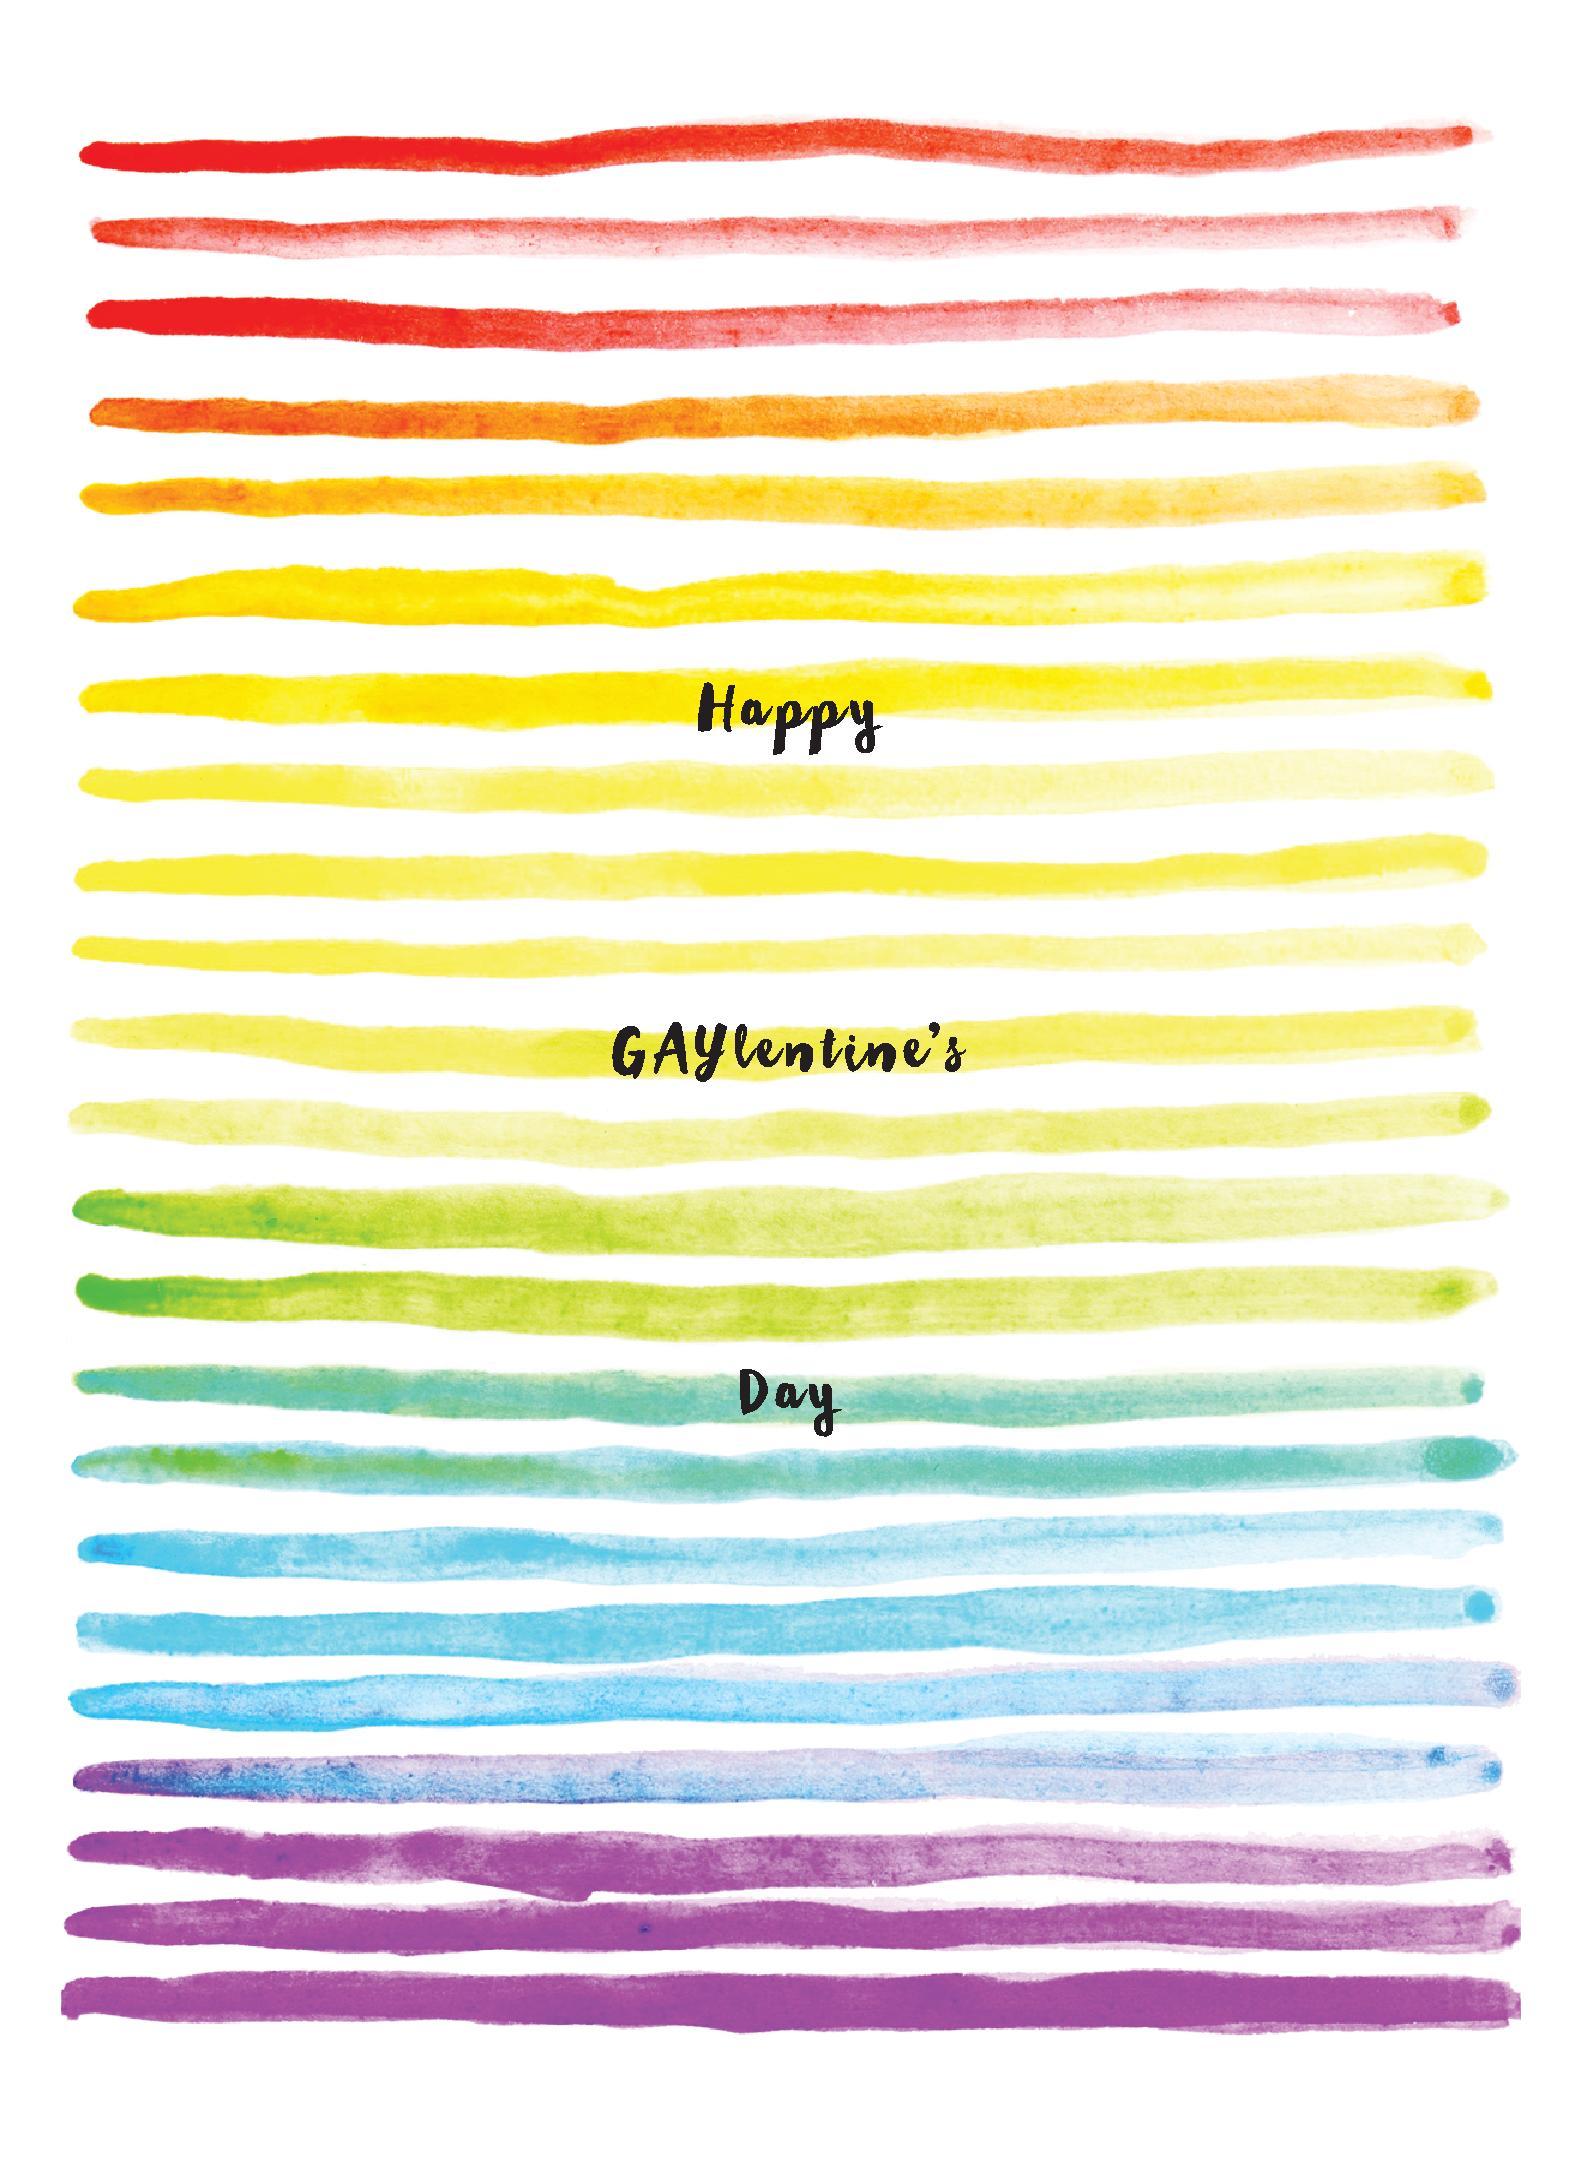 Image: Gaylentine's by JustGreet